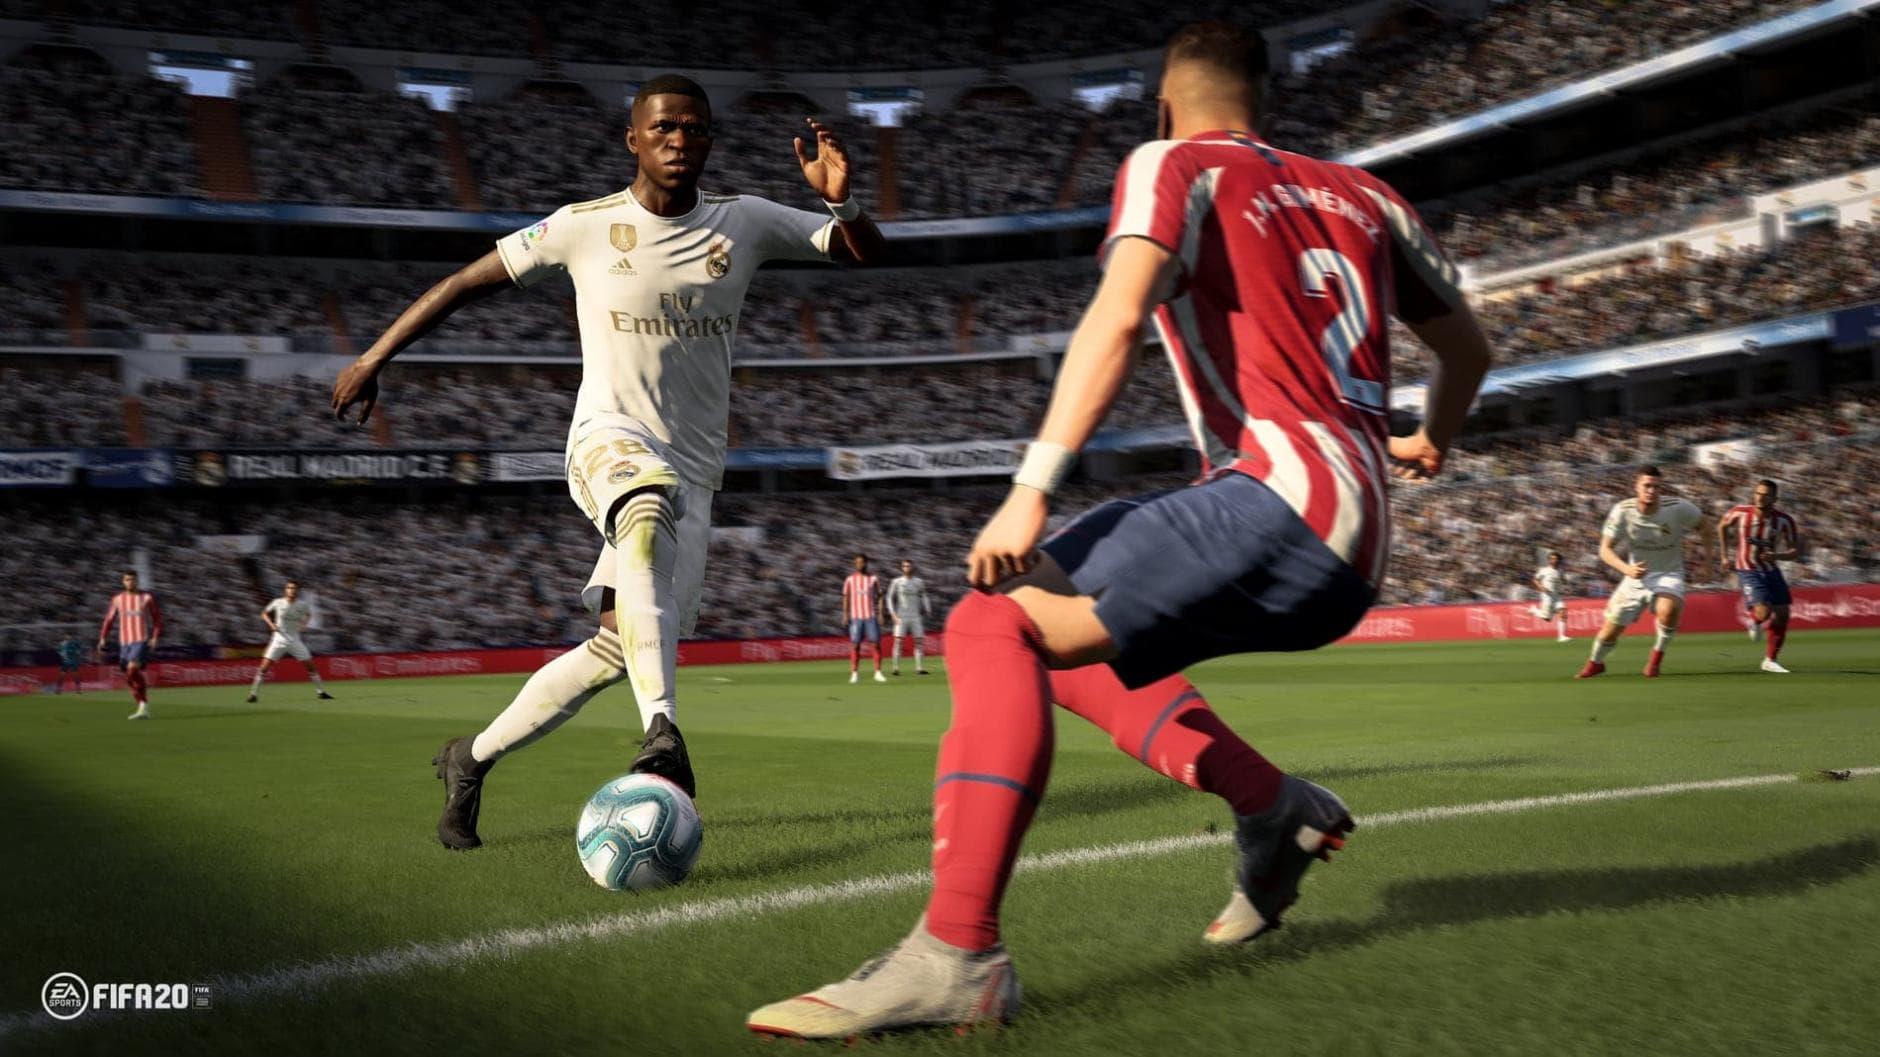 FIFA 20 Ultimate Team: So funktioniert die Weekend League